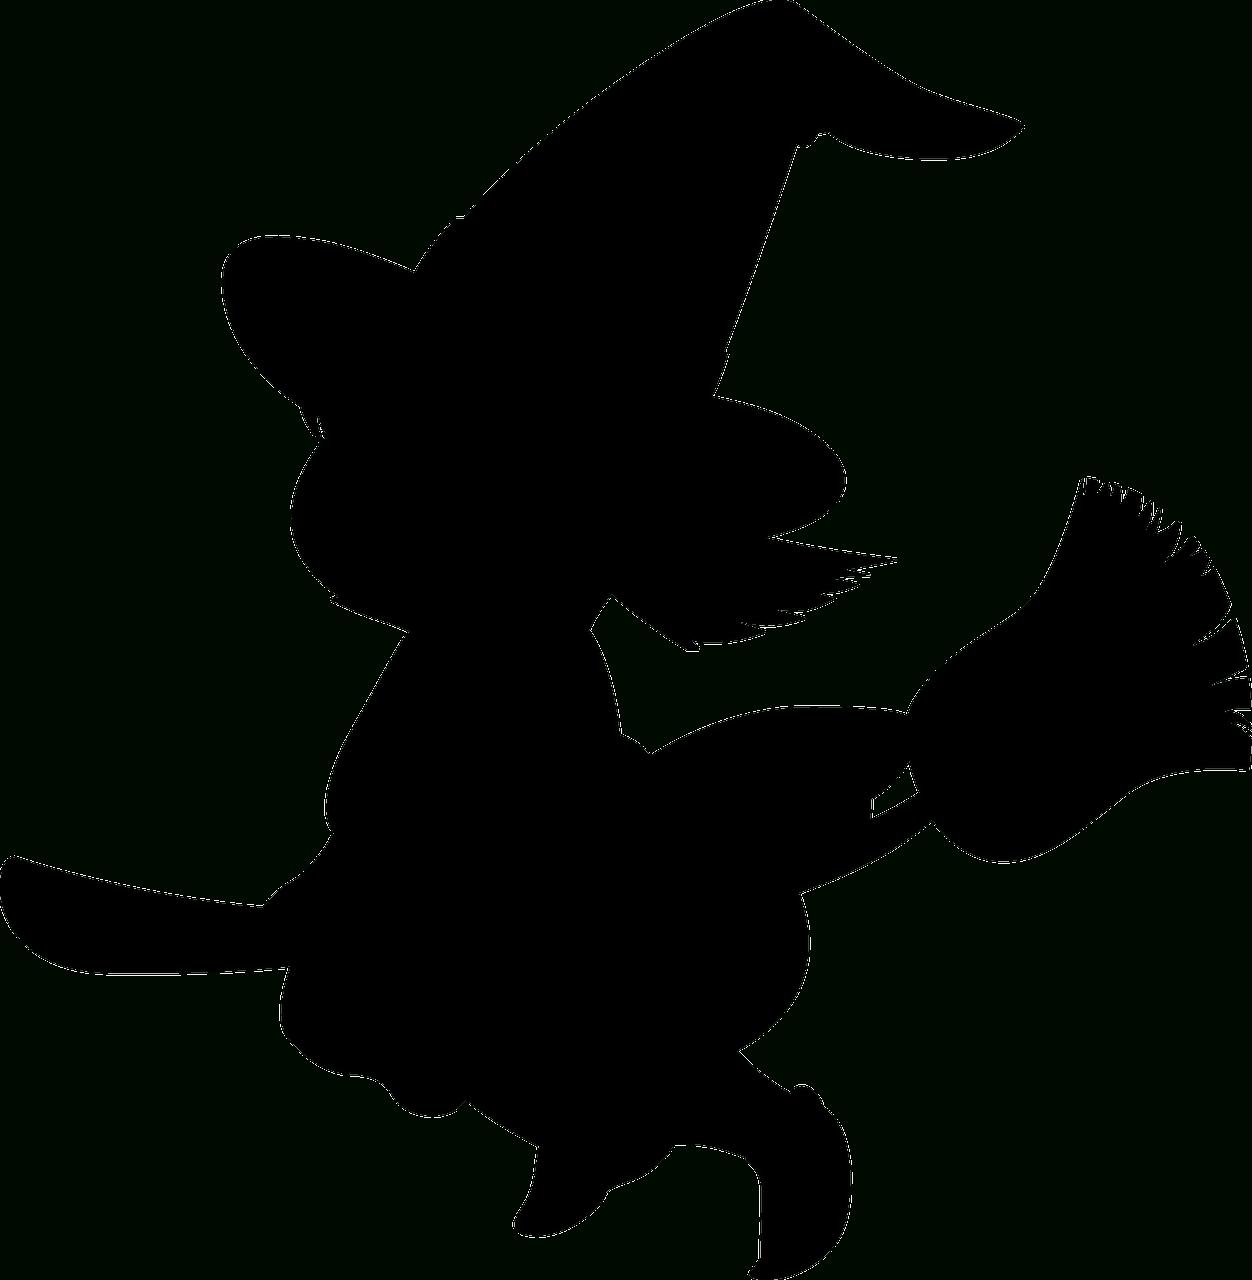 Kostenloses Bild Auf Pixabay - Mädchen, Hexe, Halloween über Scherenschnitt Hexe Vorlage